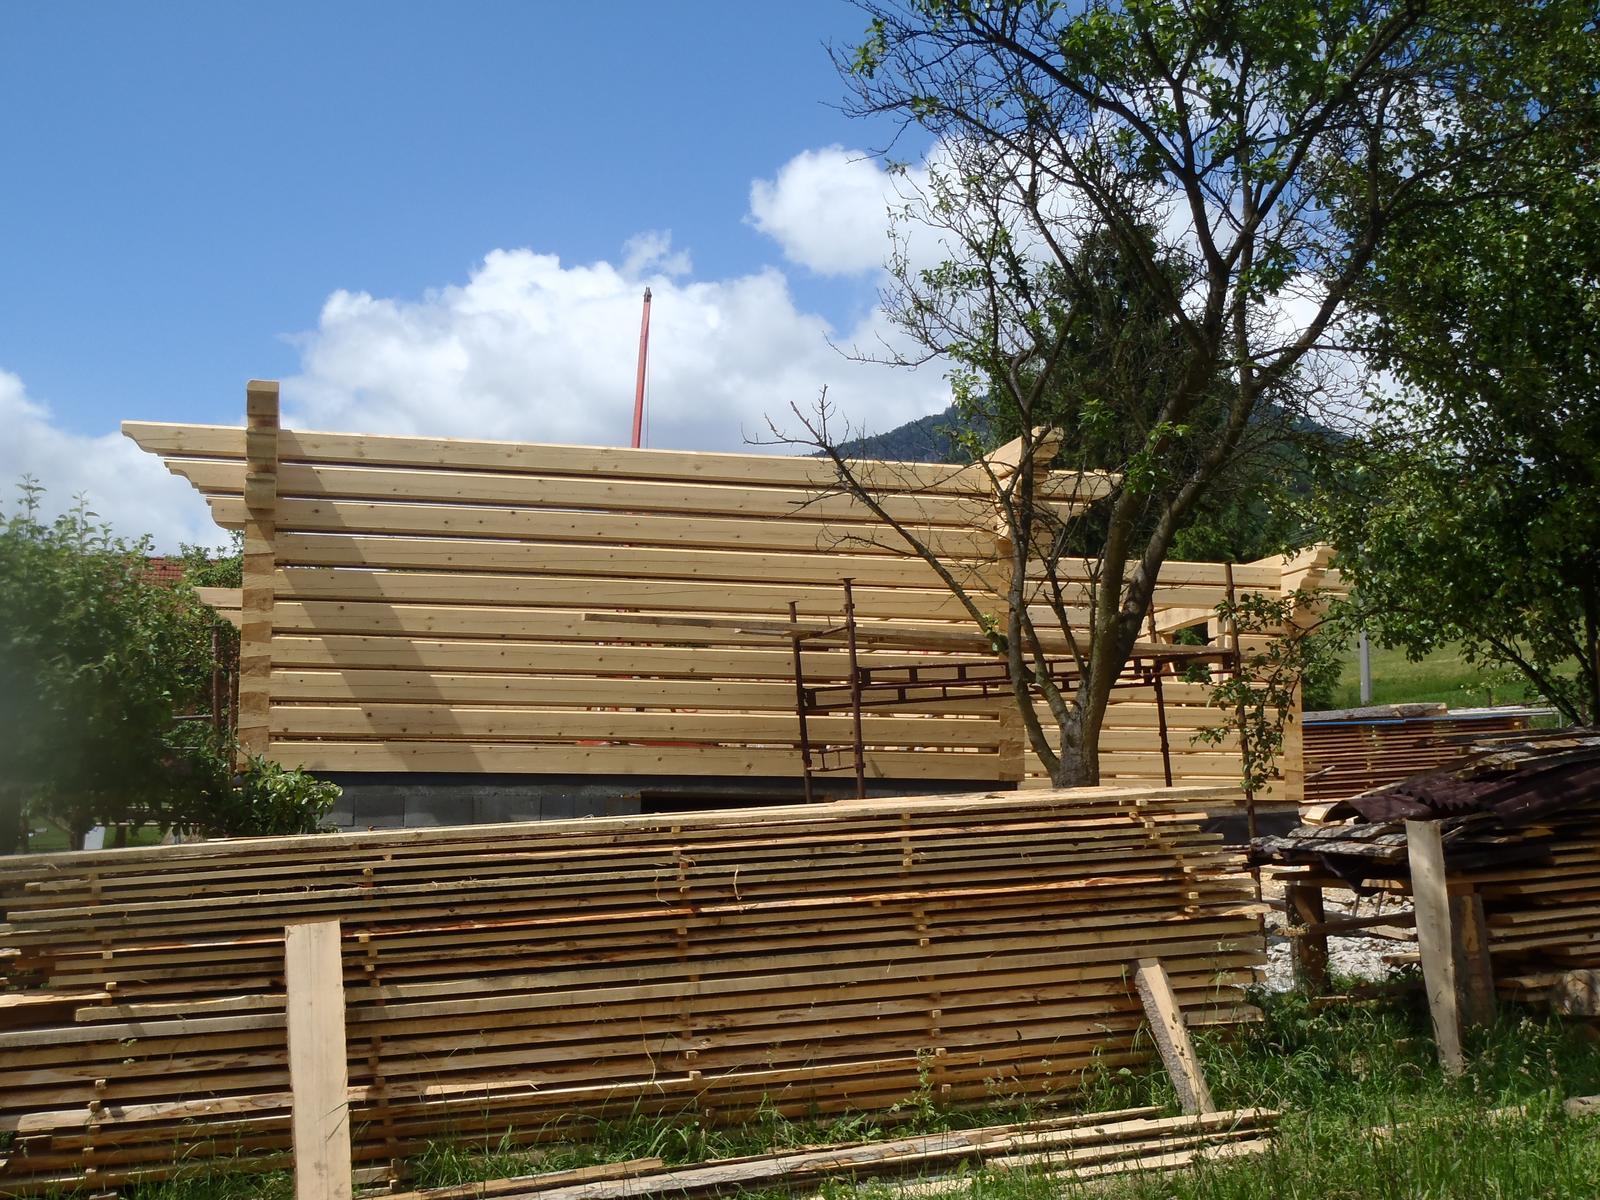 Náš veľký sen o drevenom domčeku! - Obrázok č. 91